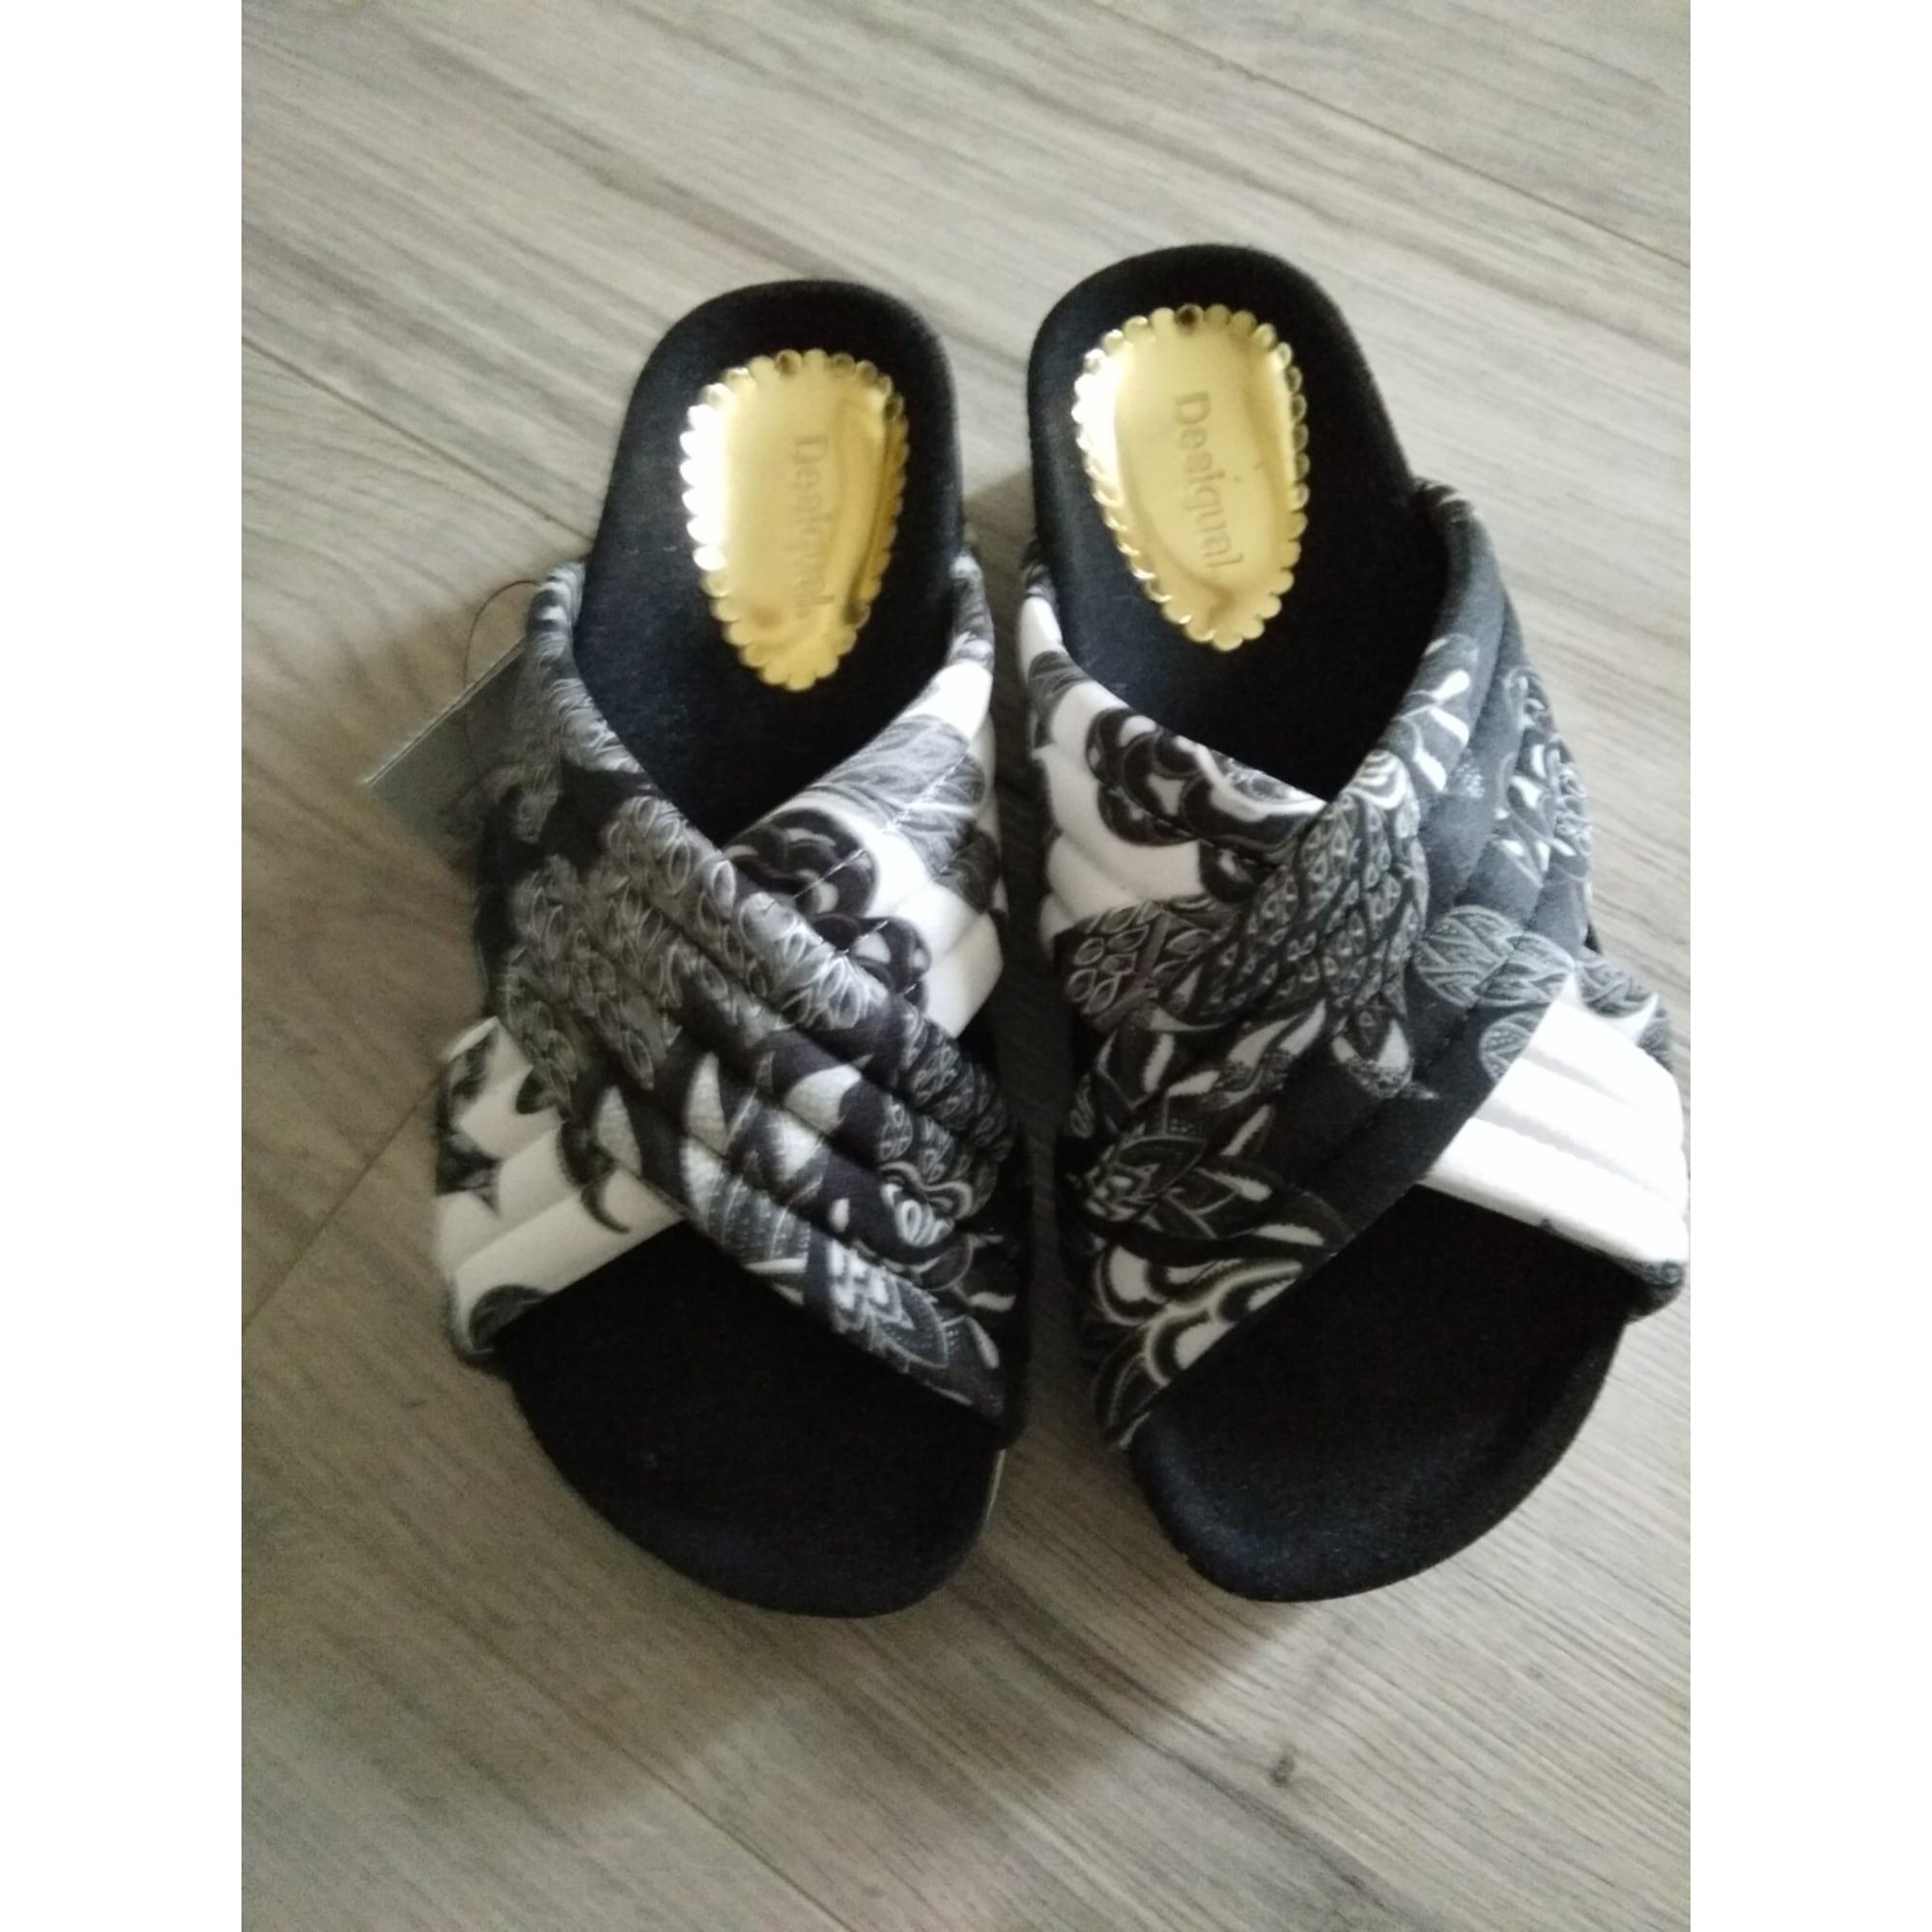 Sandales plates  DESIGUAL noire et blanche